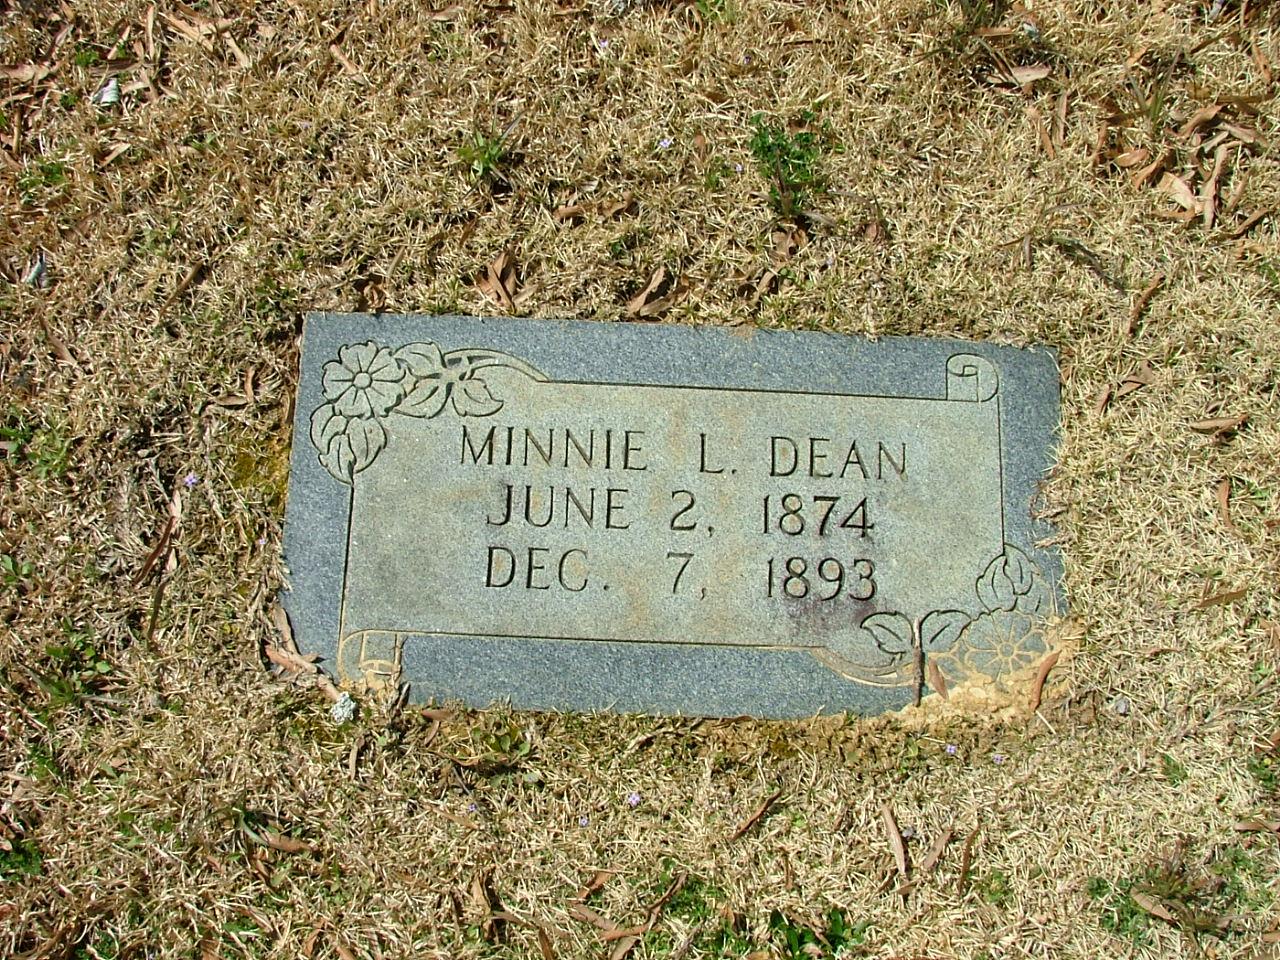 Minnie Lee Dean